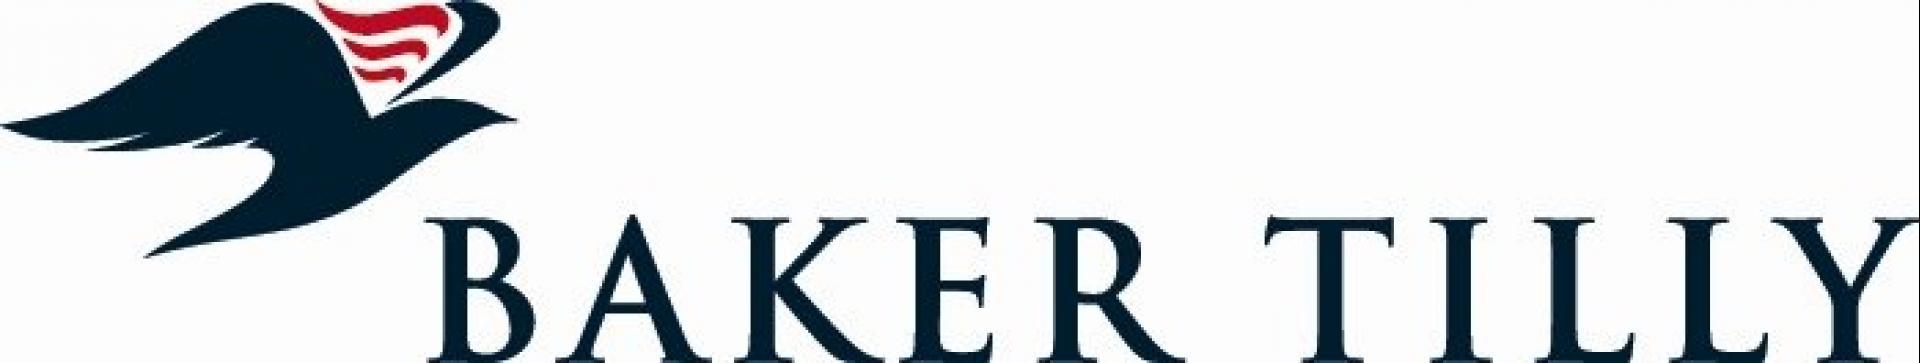 Baker Tilly World Poker Tournament